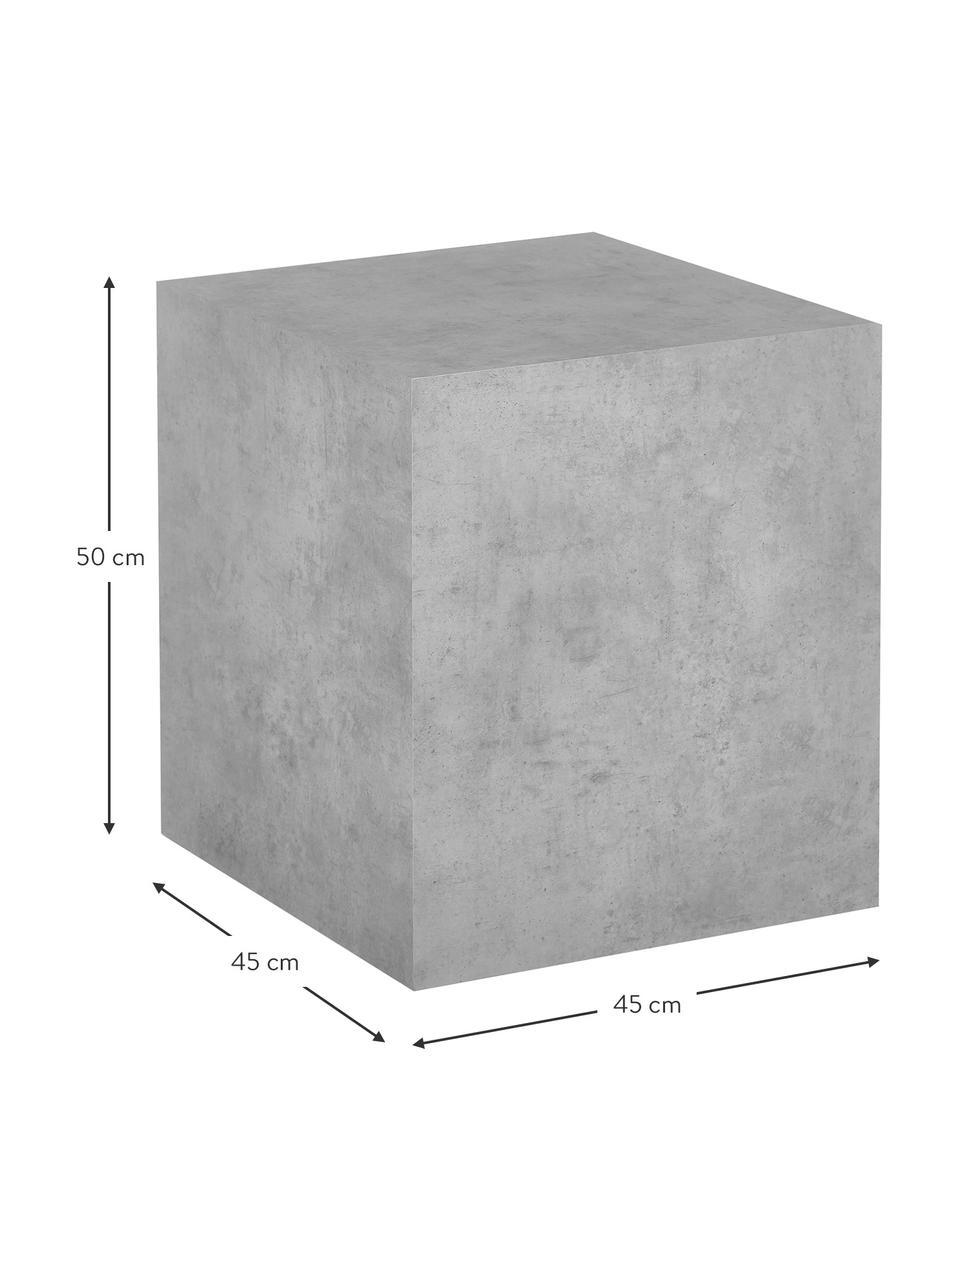 Bijzettafel Lesley in betonlook, MDF bekleed met melaminefolie, Grijs, betonlook, 45 x 50 cm